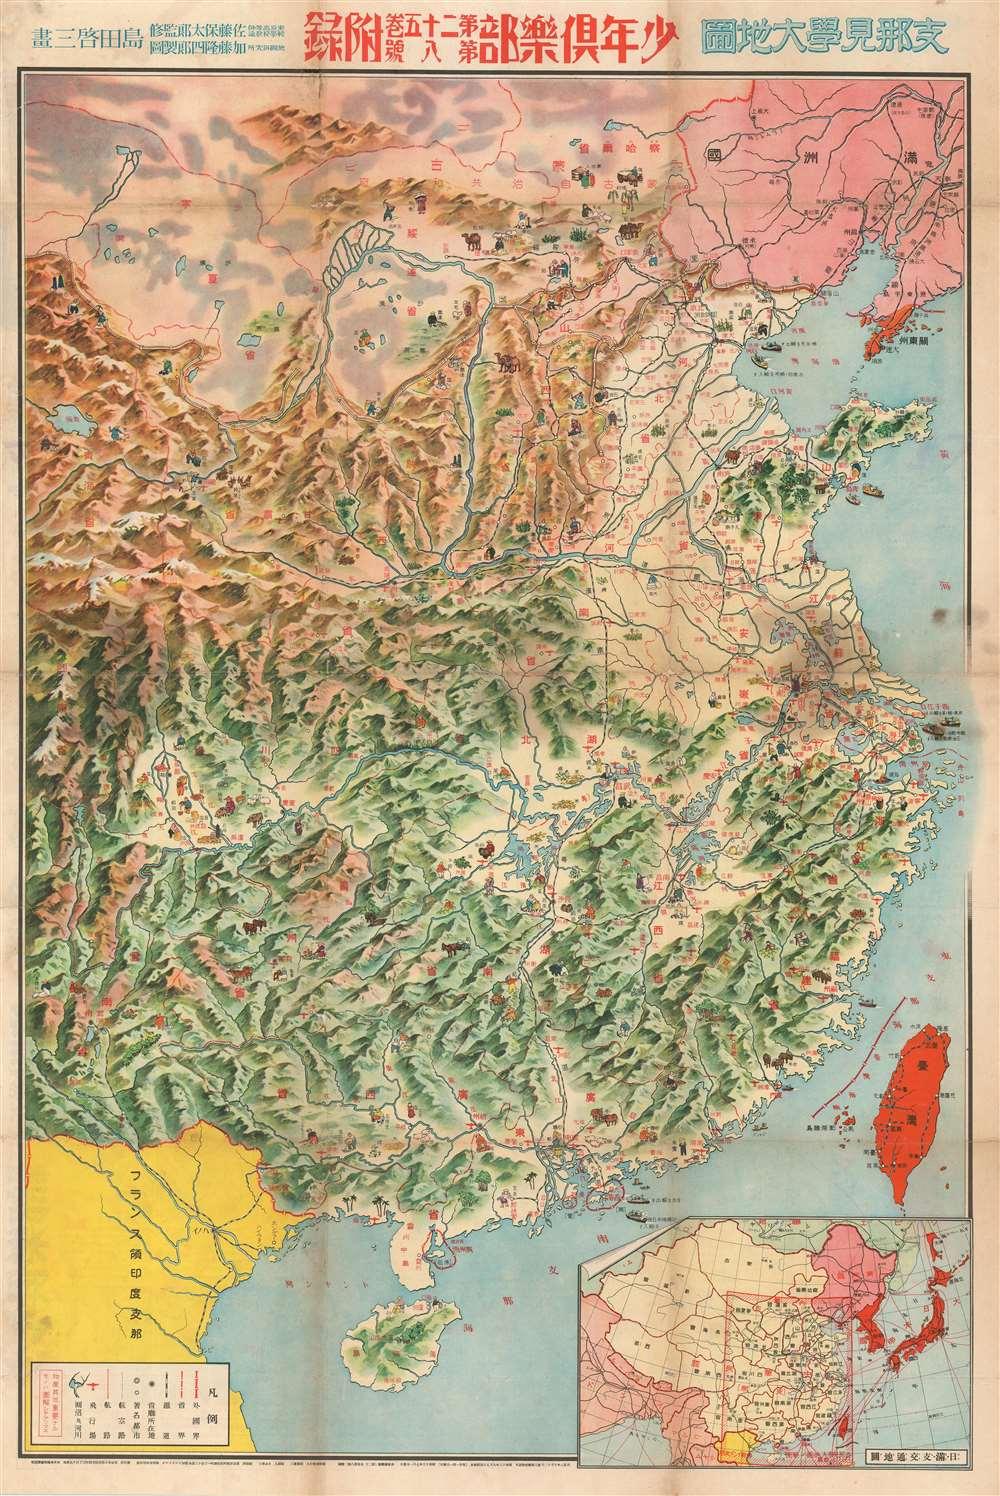 支那見學大地圖 / Large Map of China.: Geographicus Rare Antique Maps